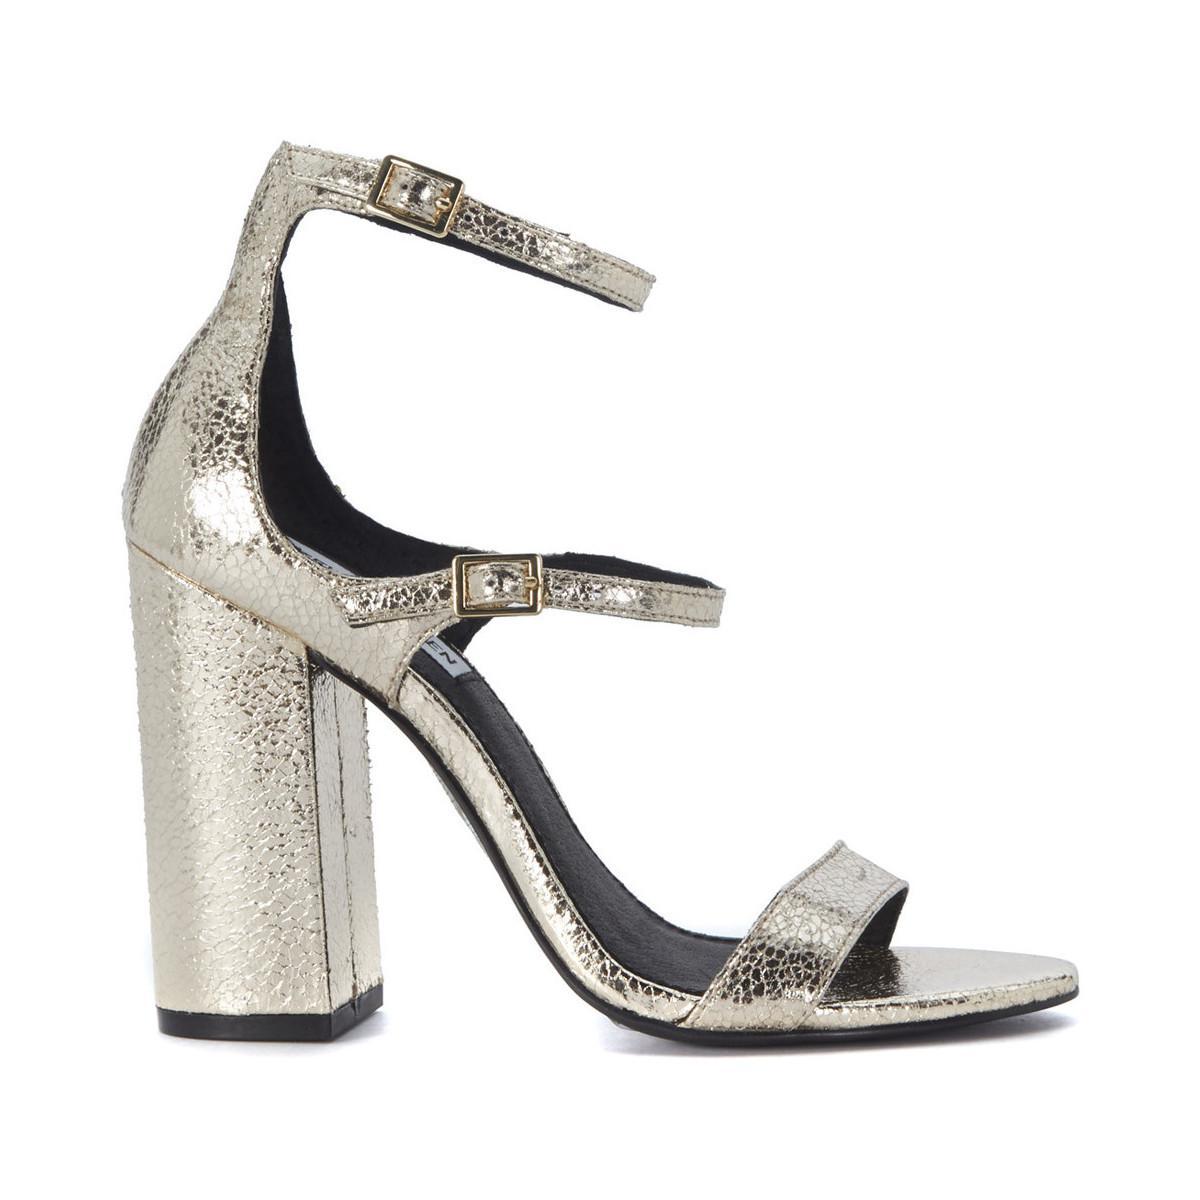 c32e6ae6d1ca Steve Madden Parrson Golden Craqueled Leather Sandal Women s Sandals ...